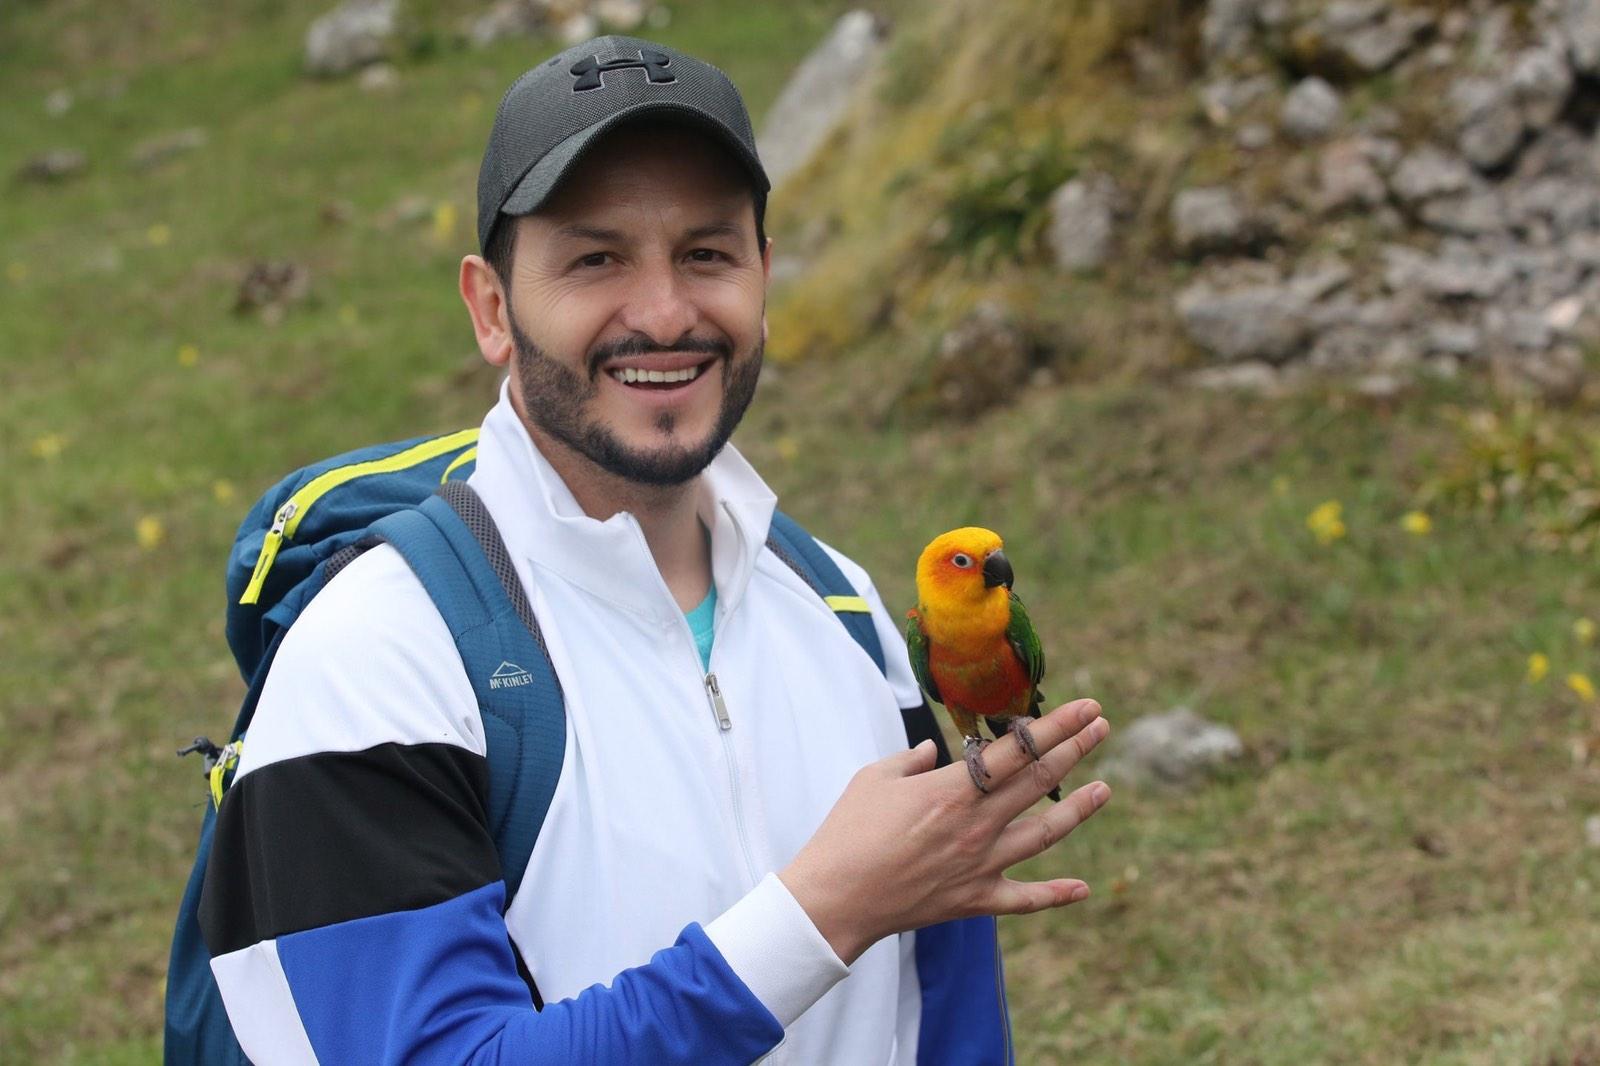 Neno Murić klubove zamijenio planinama: Boravak u prirodi mi donosi unutarnji mir